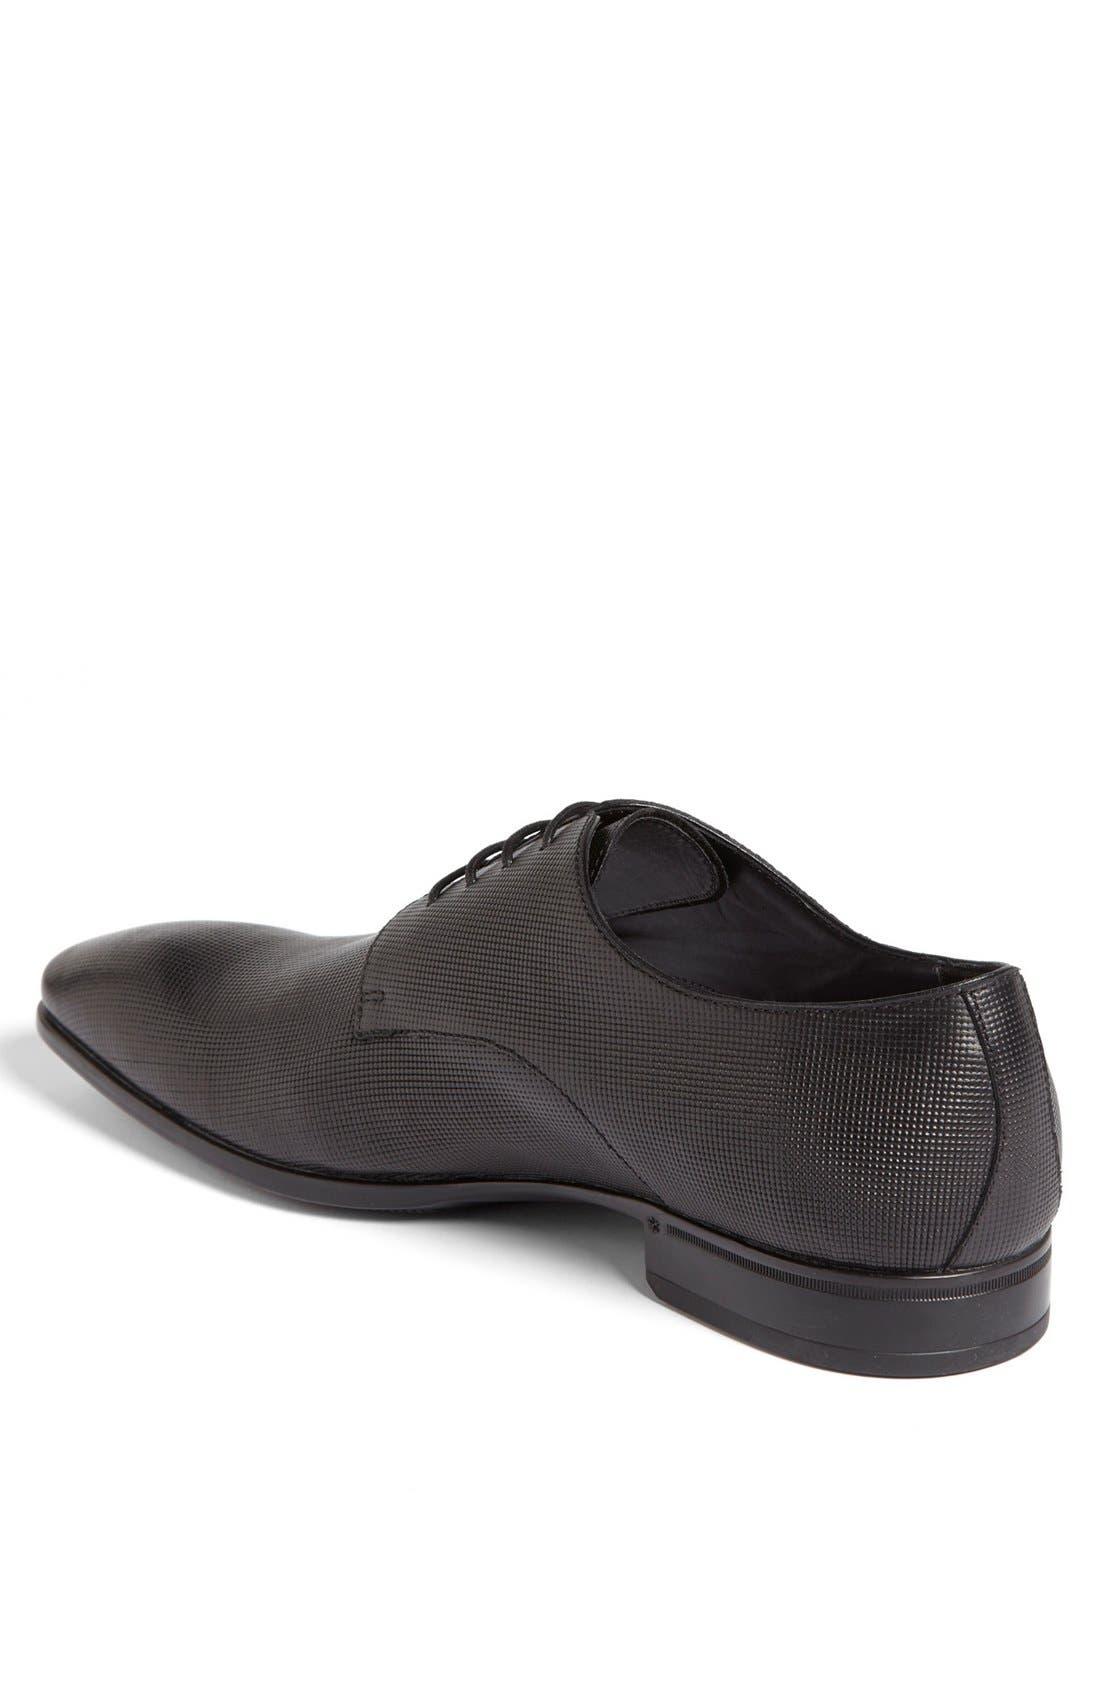 Alternate Image 2  - BOSS 'Vareb' Plain Toe Oxford (Men)